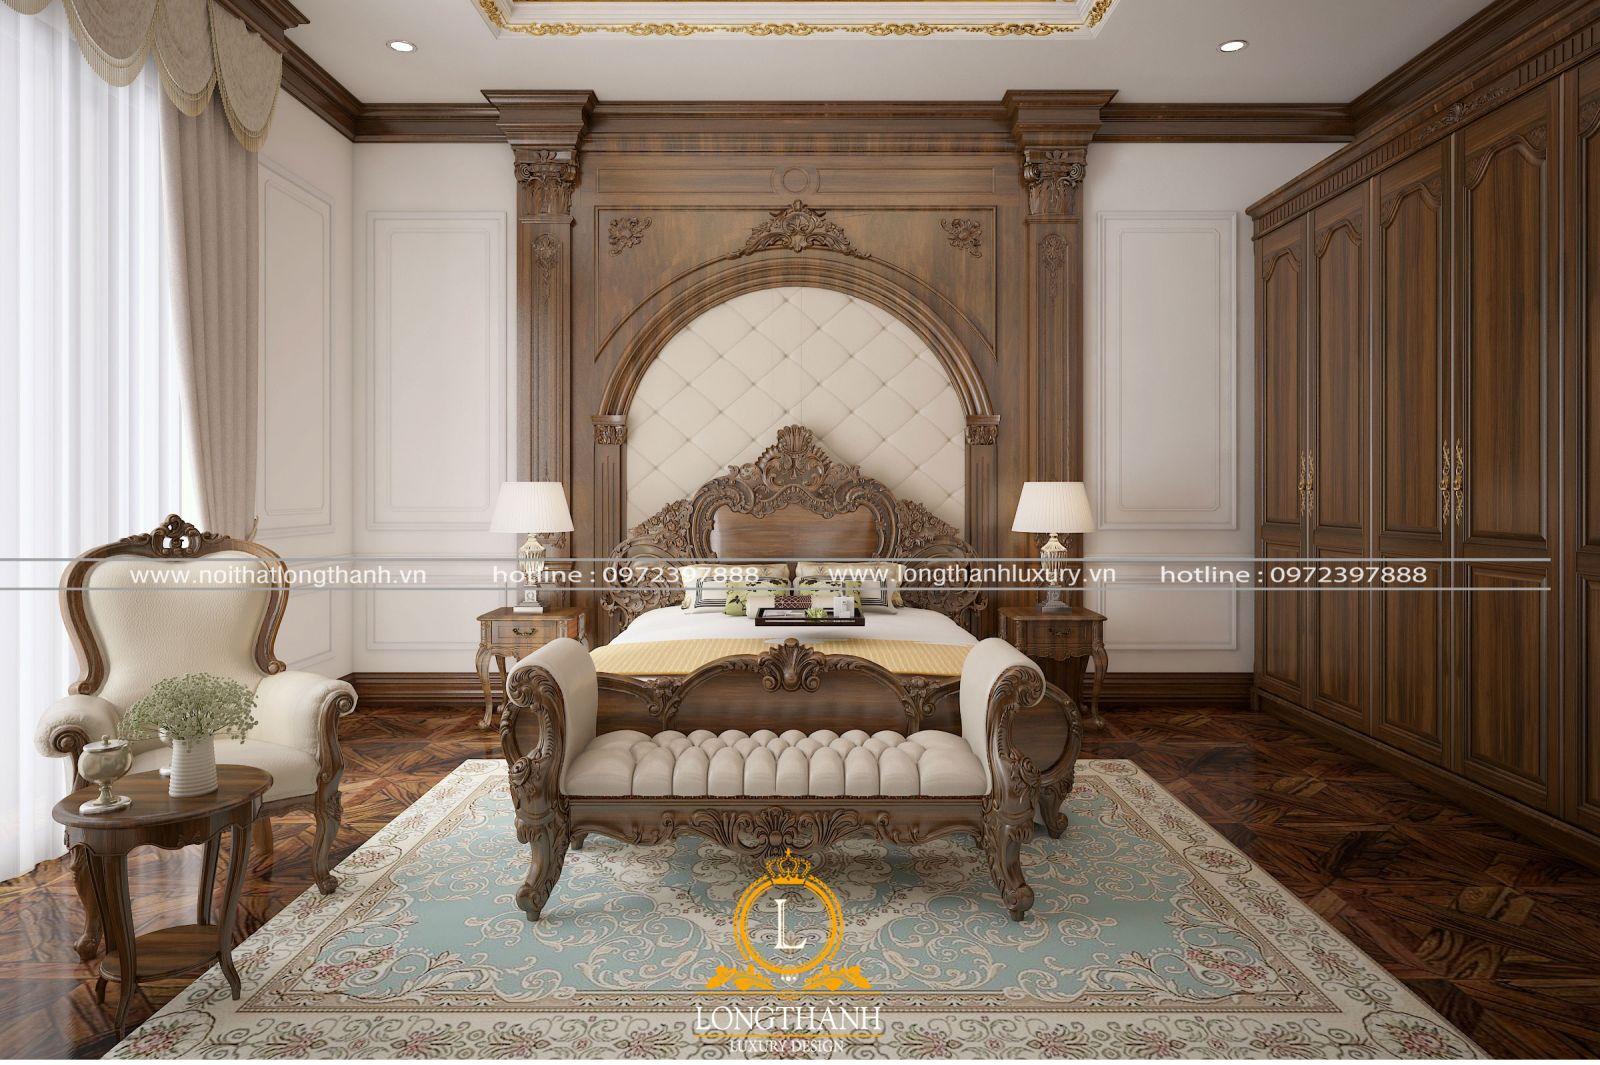 Mẫu phòng ngủ dành cho nhà biệt thự với phong cách quý tộc hoàng gia